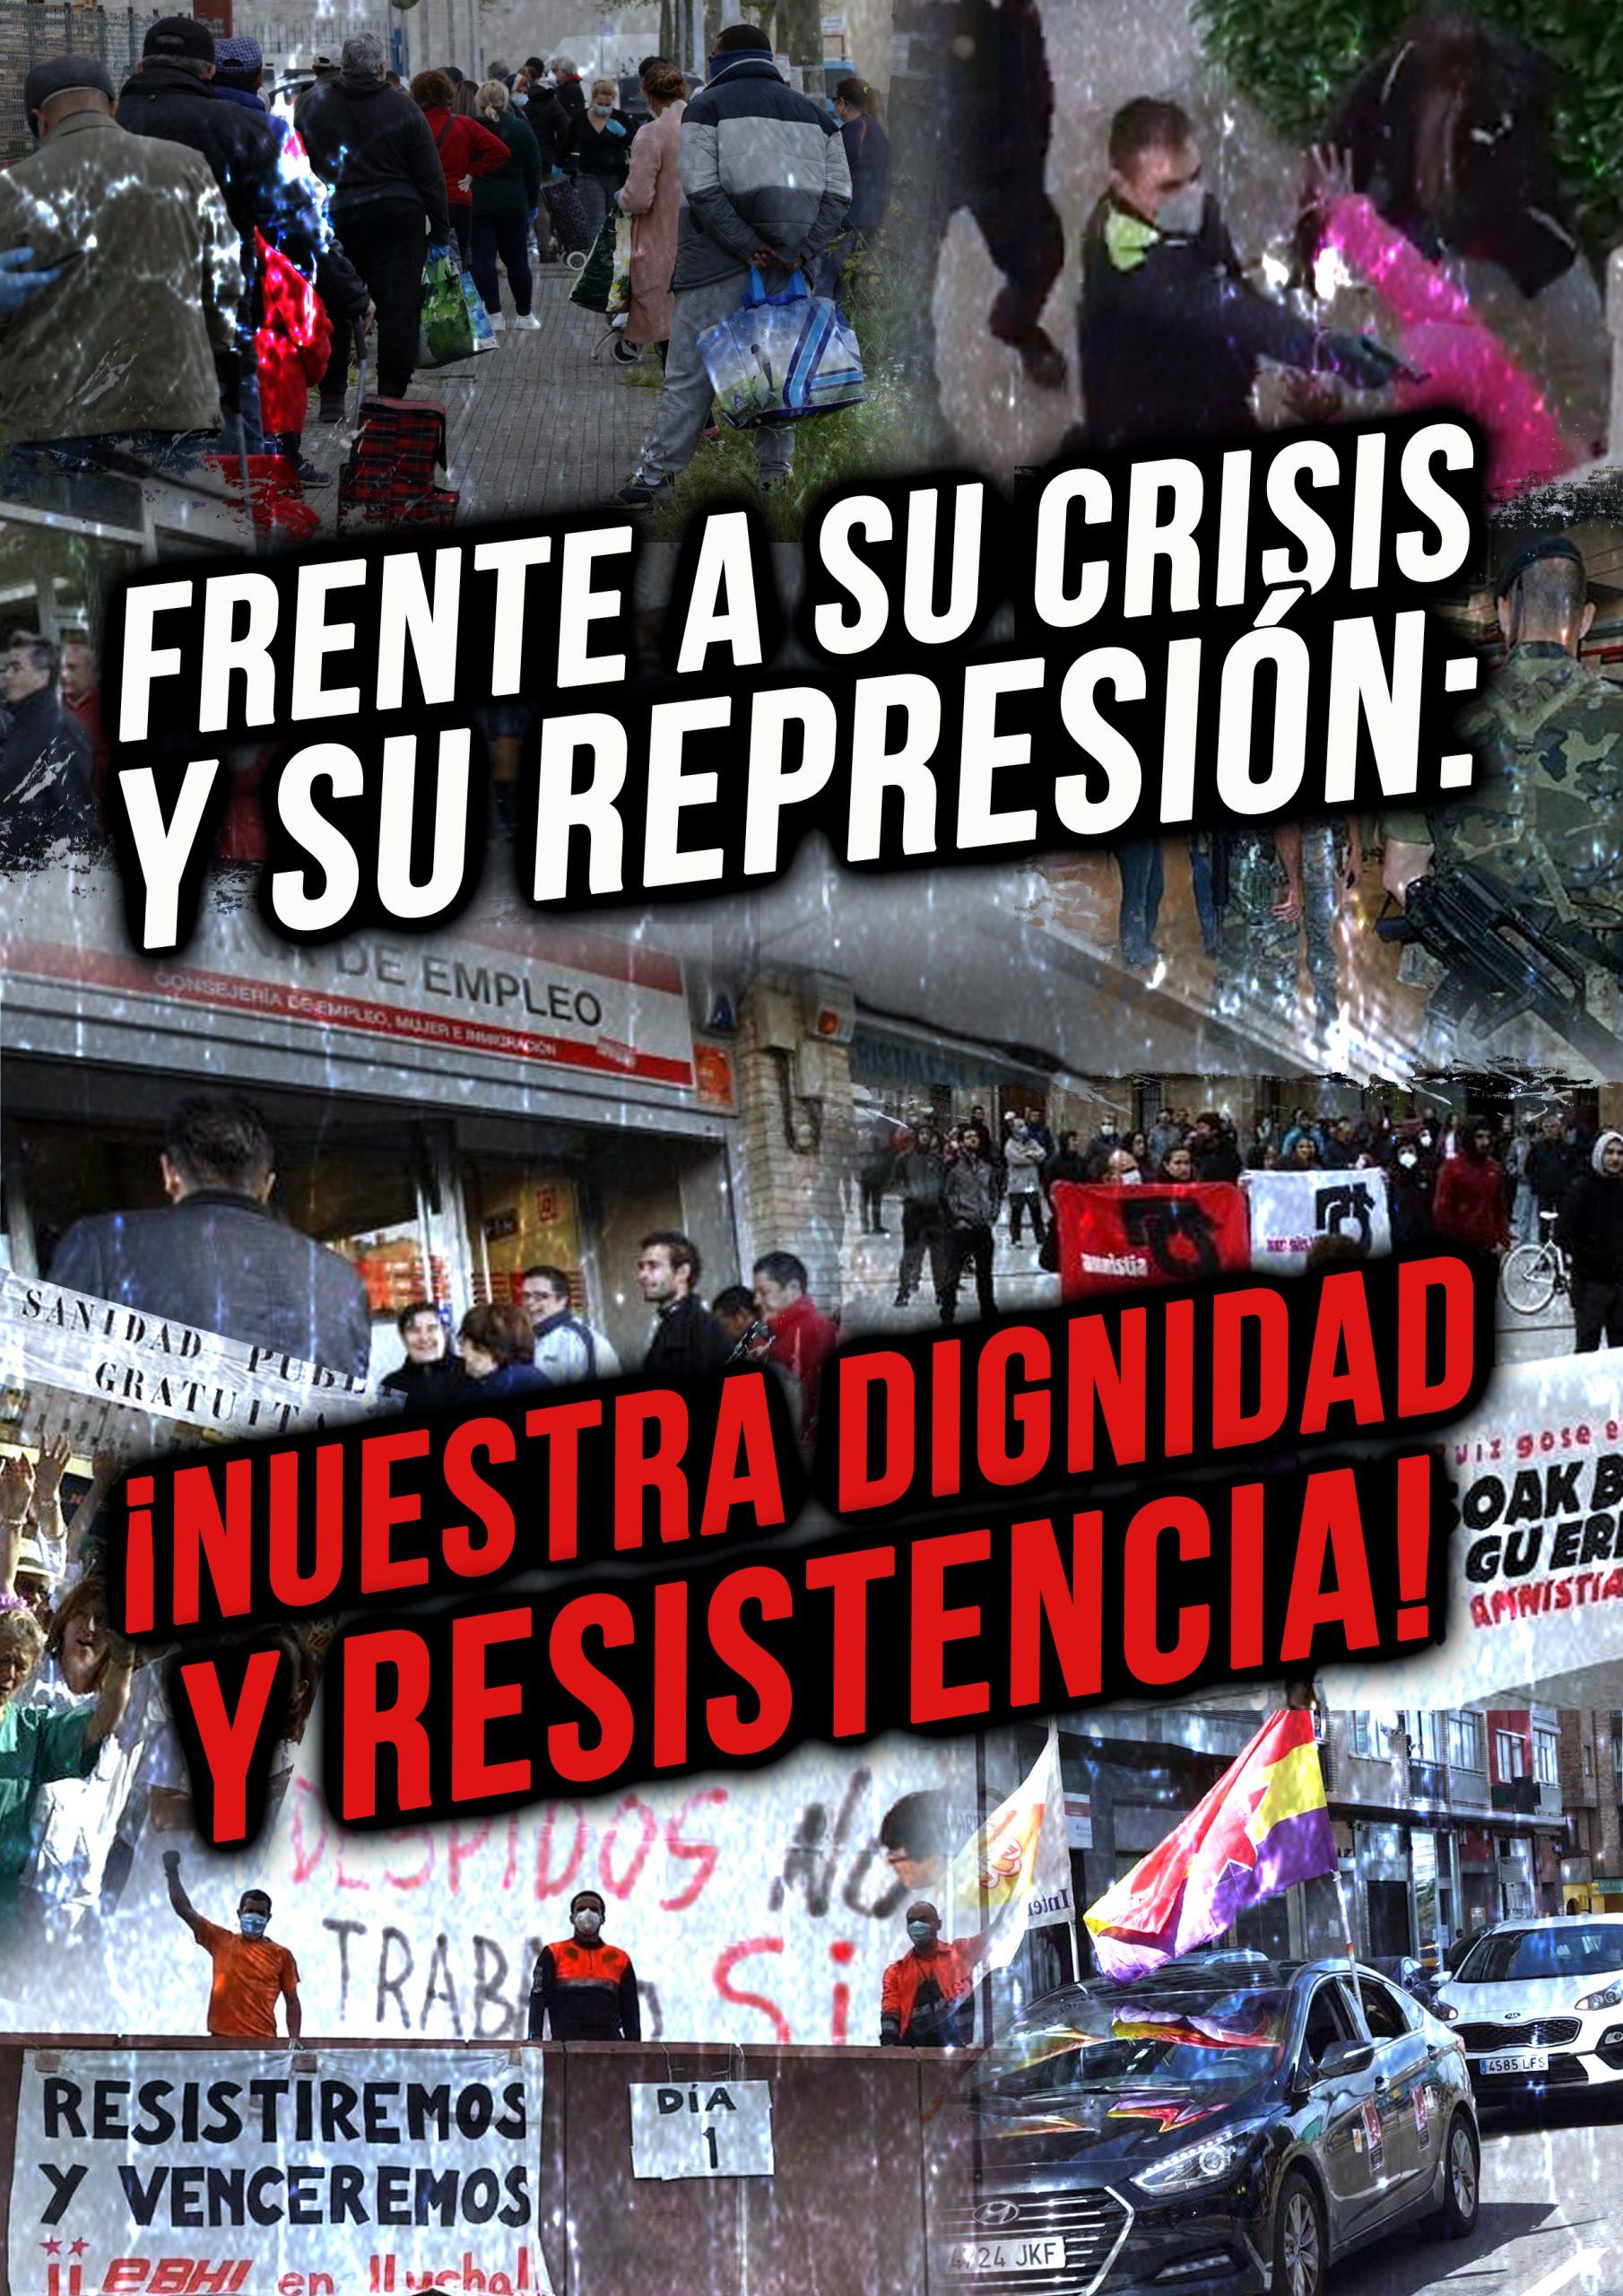 FRENTE A SU CRISIS Y SU REPRESIÓN: ¡NUESTRA DIGNIDAD Y RESISTENCIA!